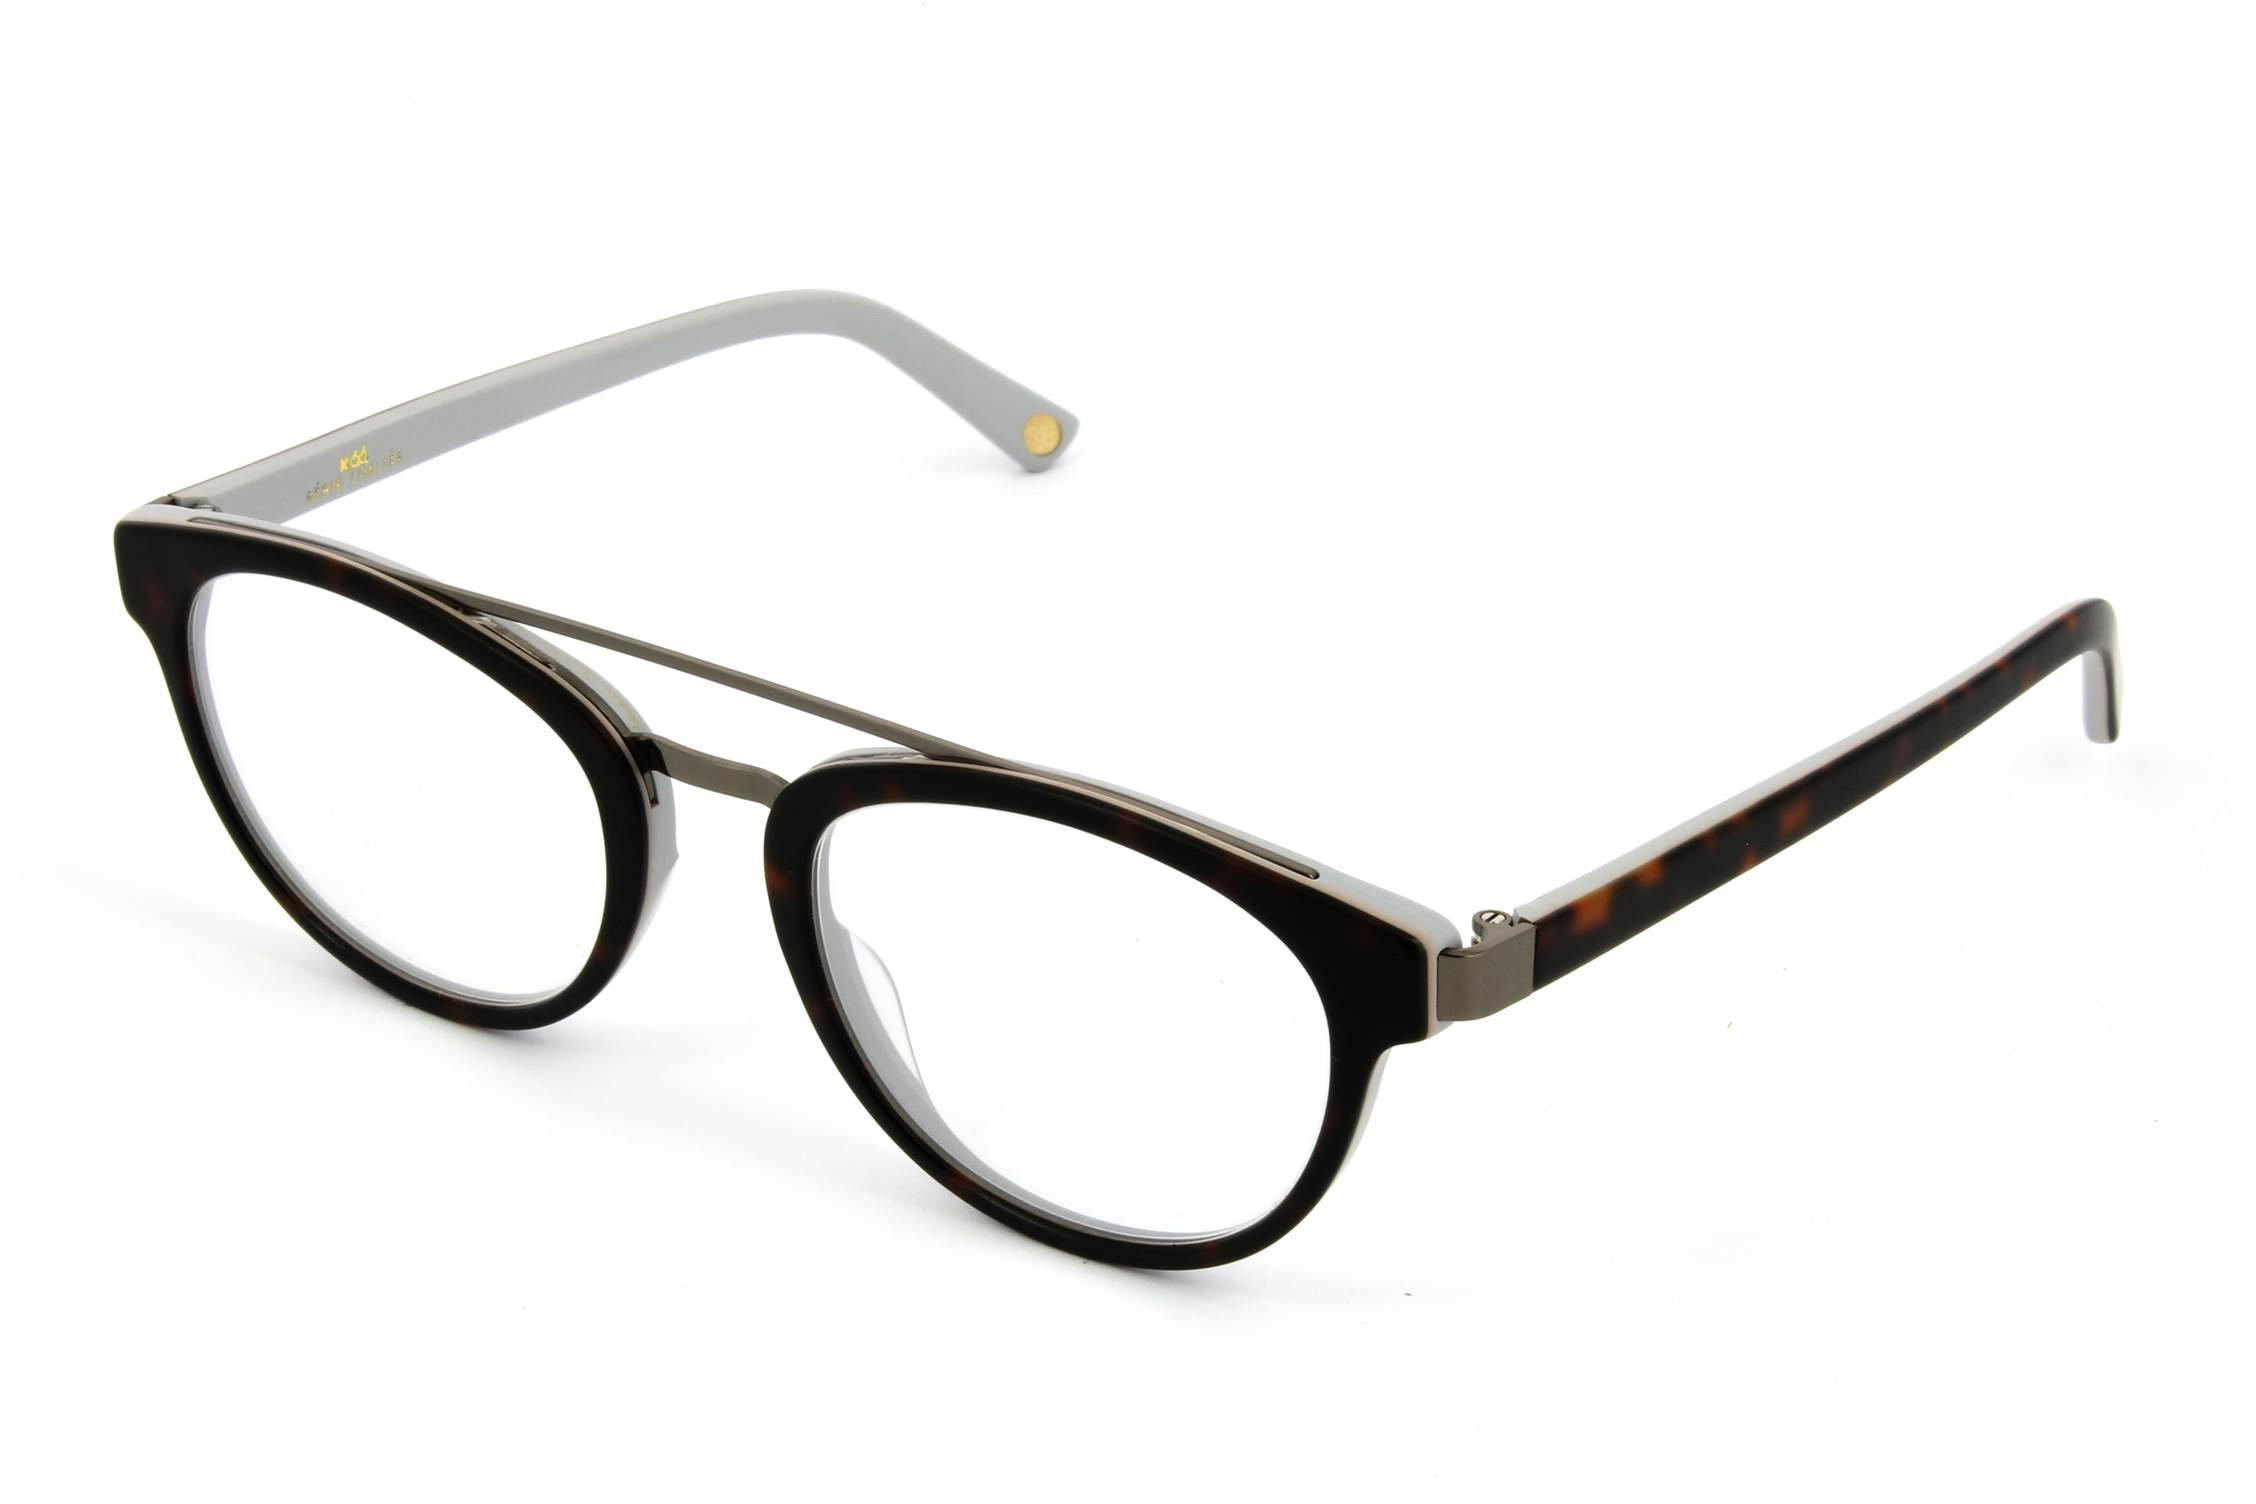 Lunette de vue : où est-ce qu'on peut trouver des lunettes de protection ?